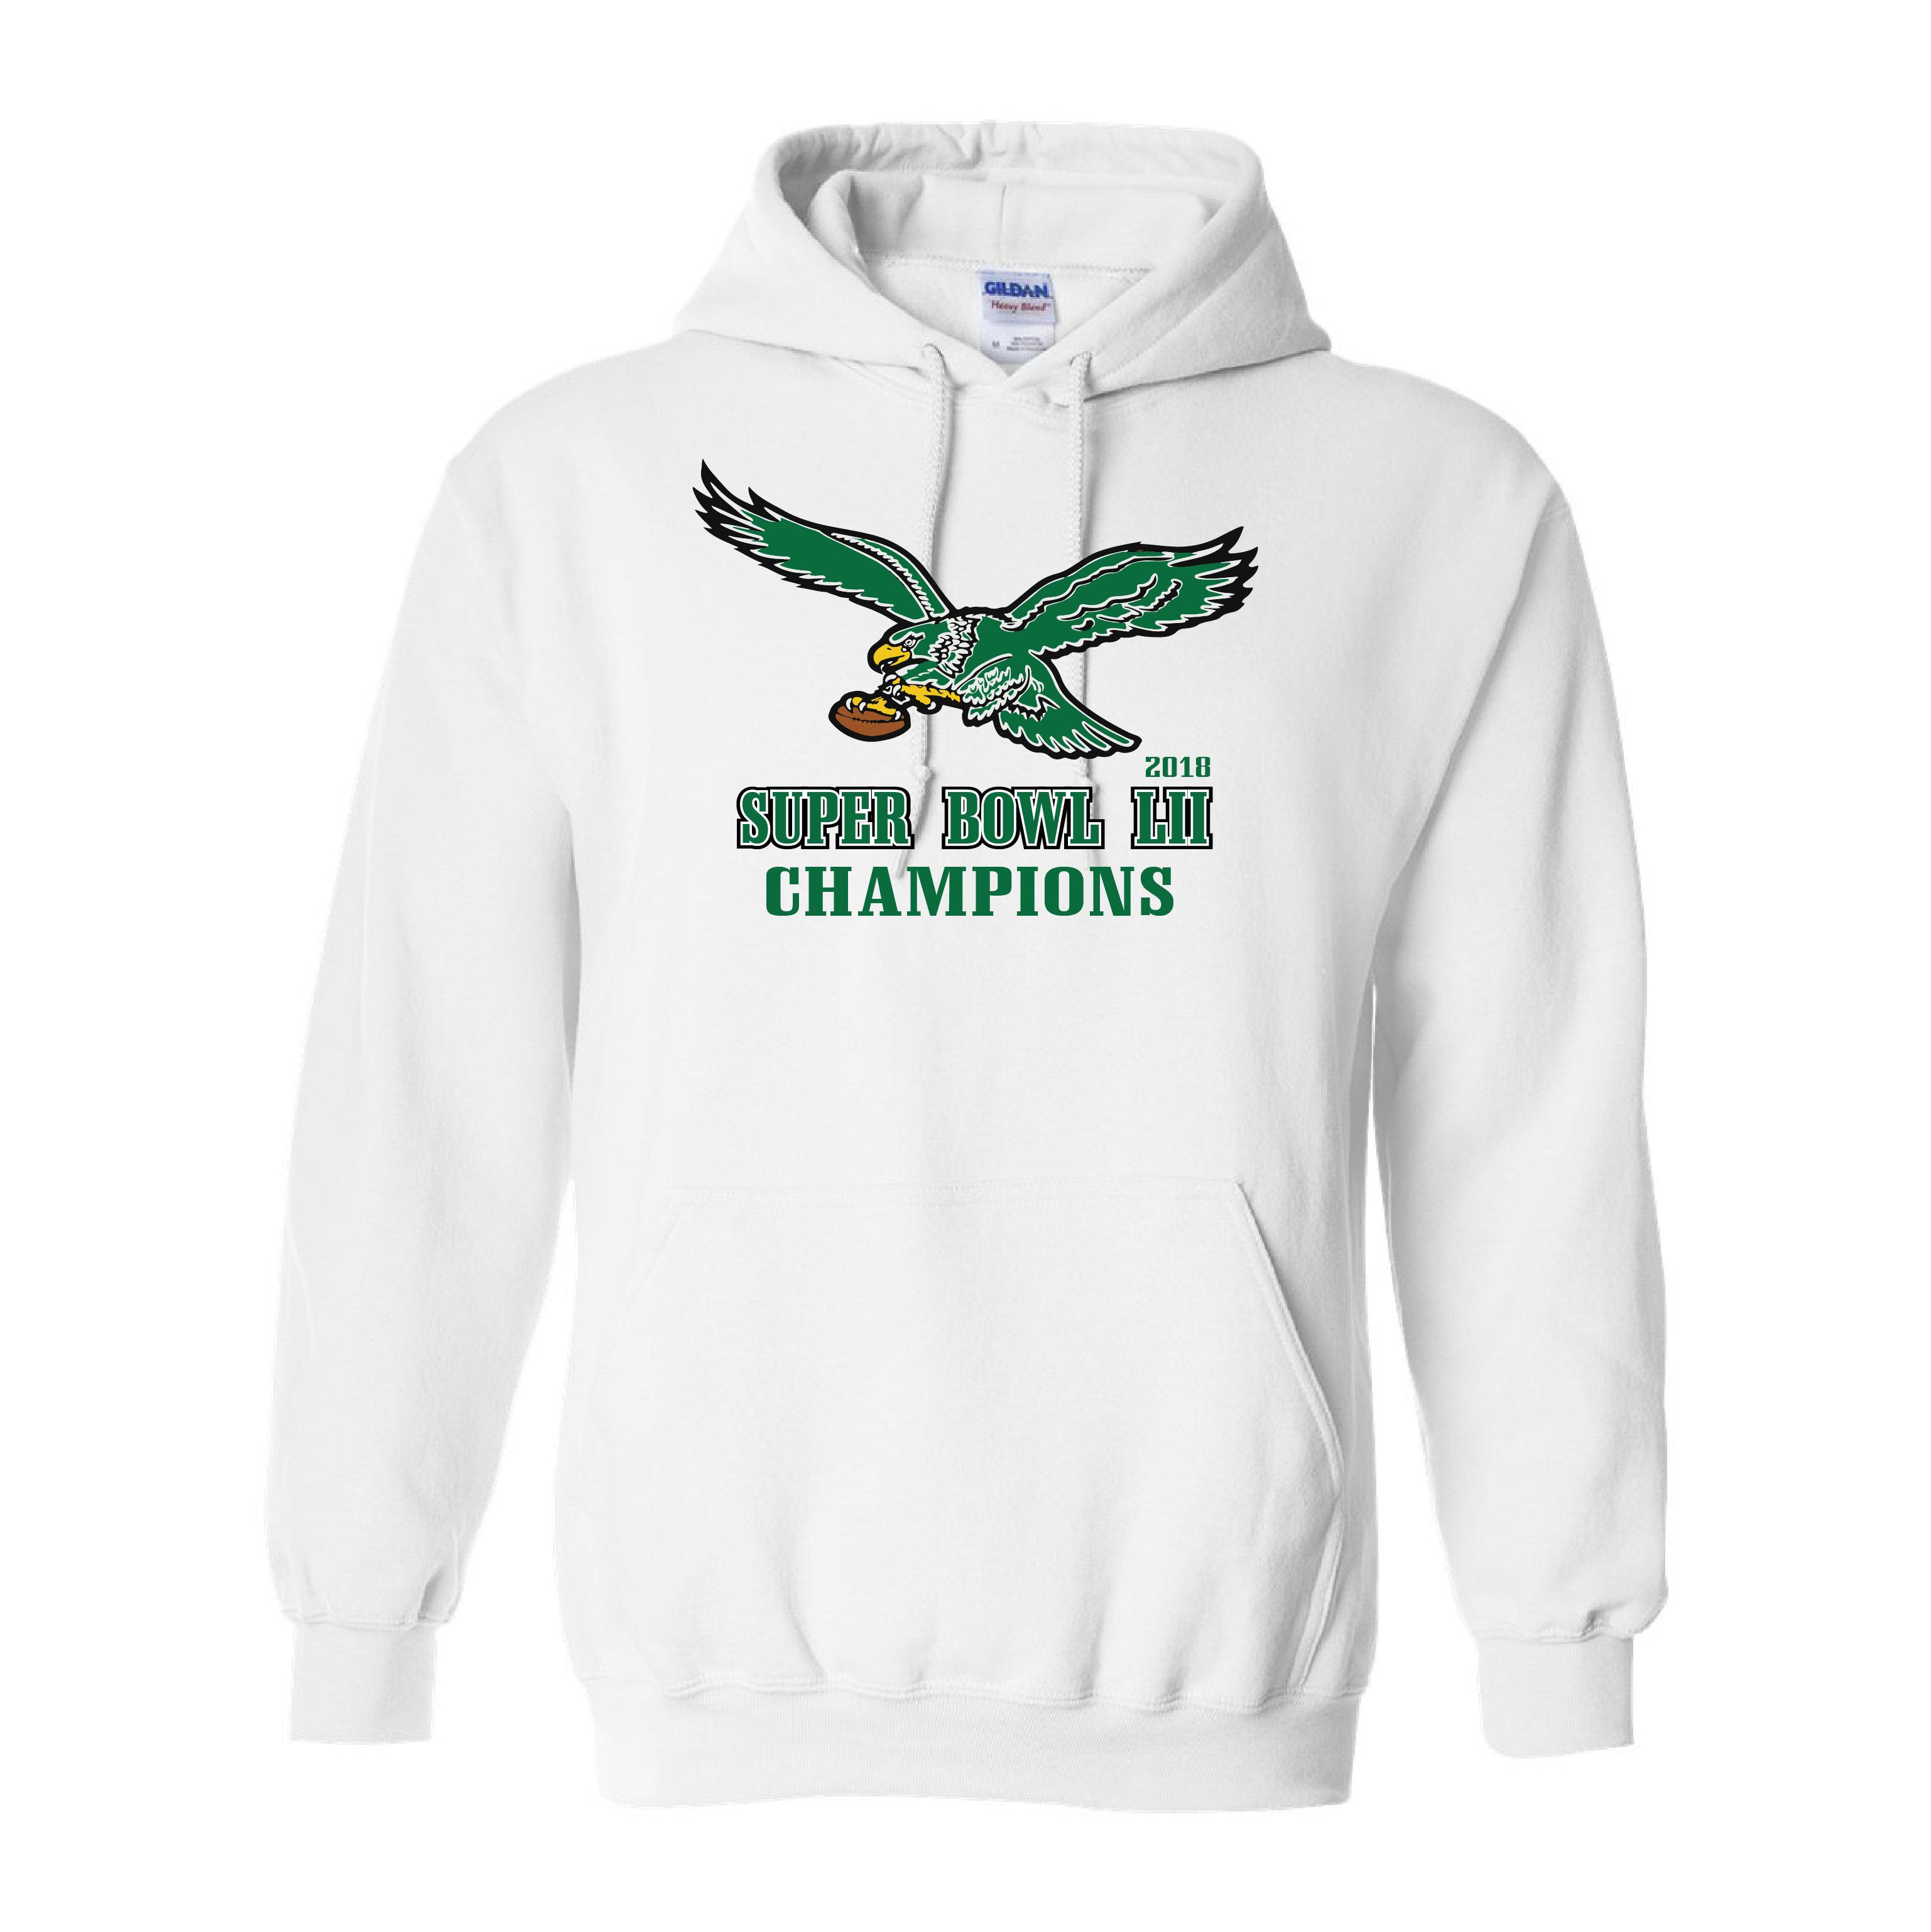 Sweatshirt Lii Style Hooded Philadelphia Super Eagles Vintage Bowl Champions lKFc1J